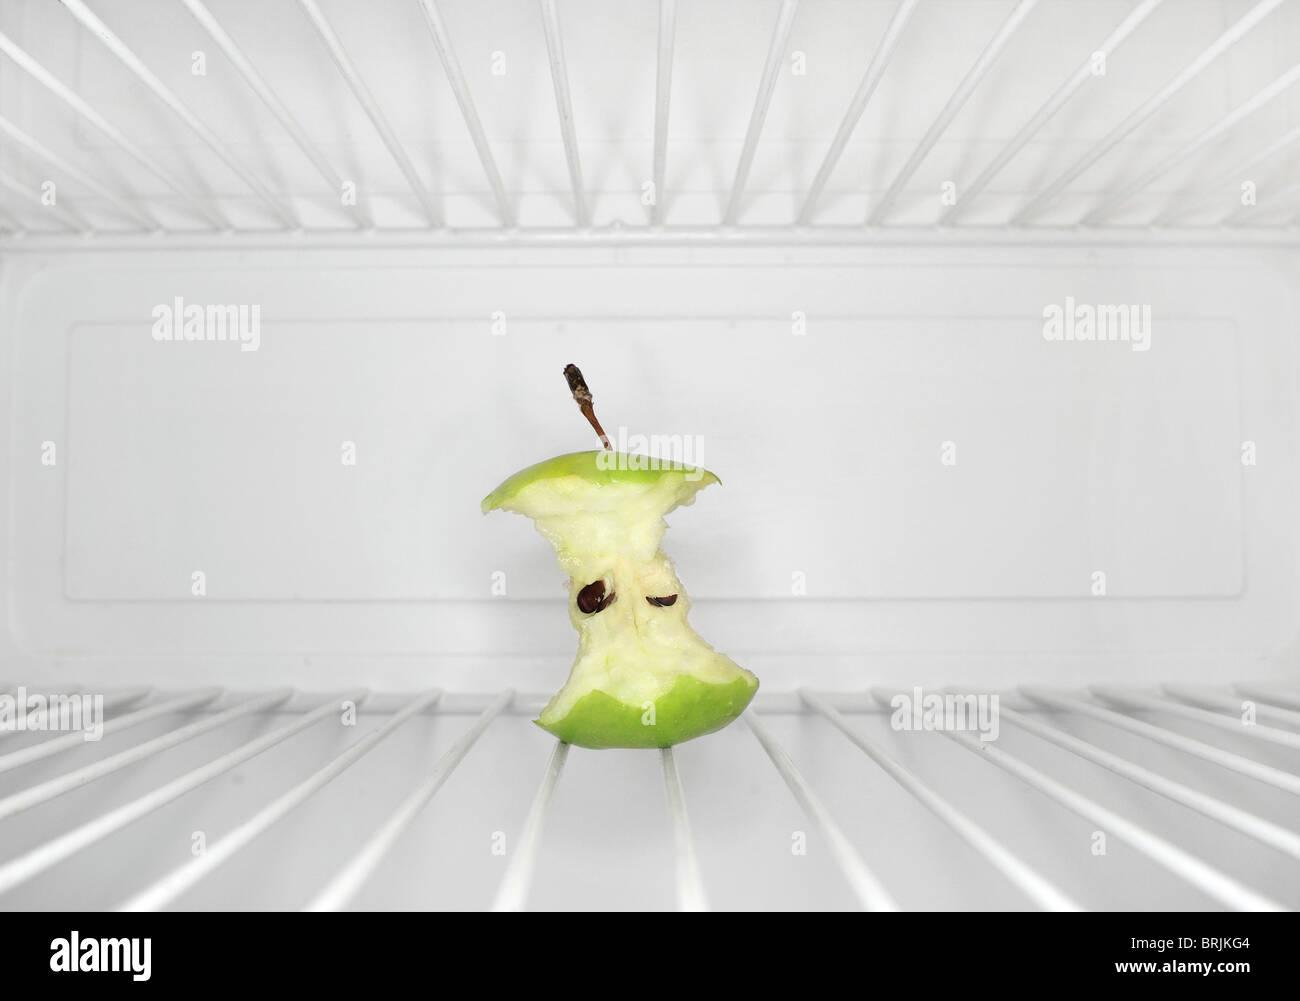 Seul apple core assis sur une étagère à l'intérieur de réfrigérateur Photo Stock